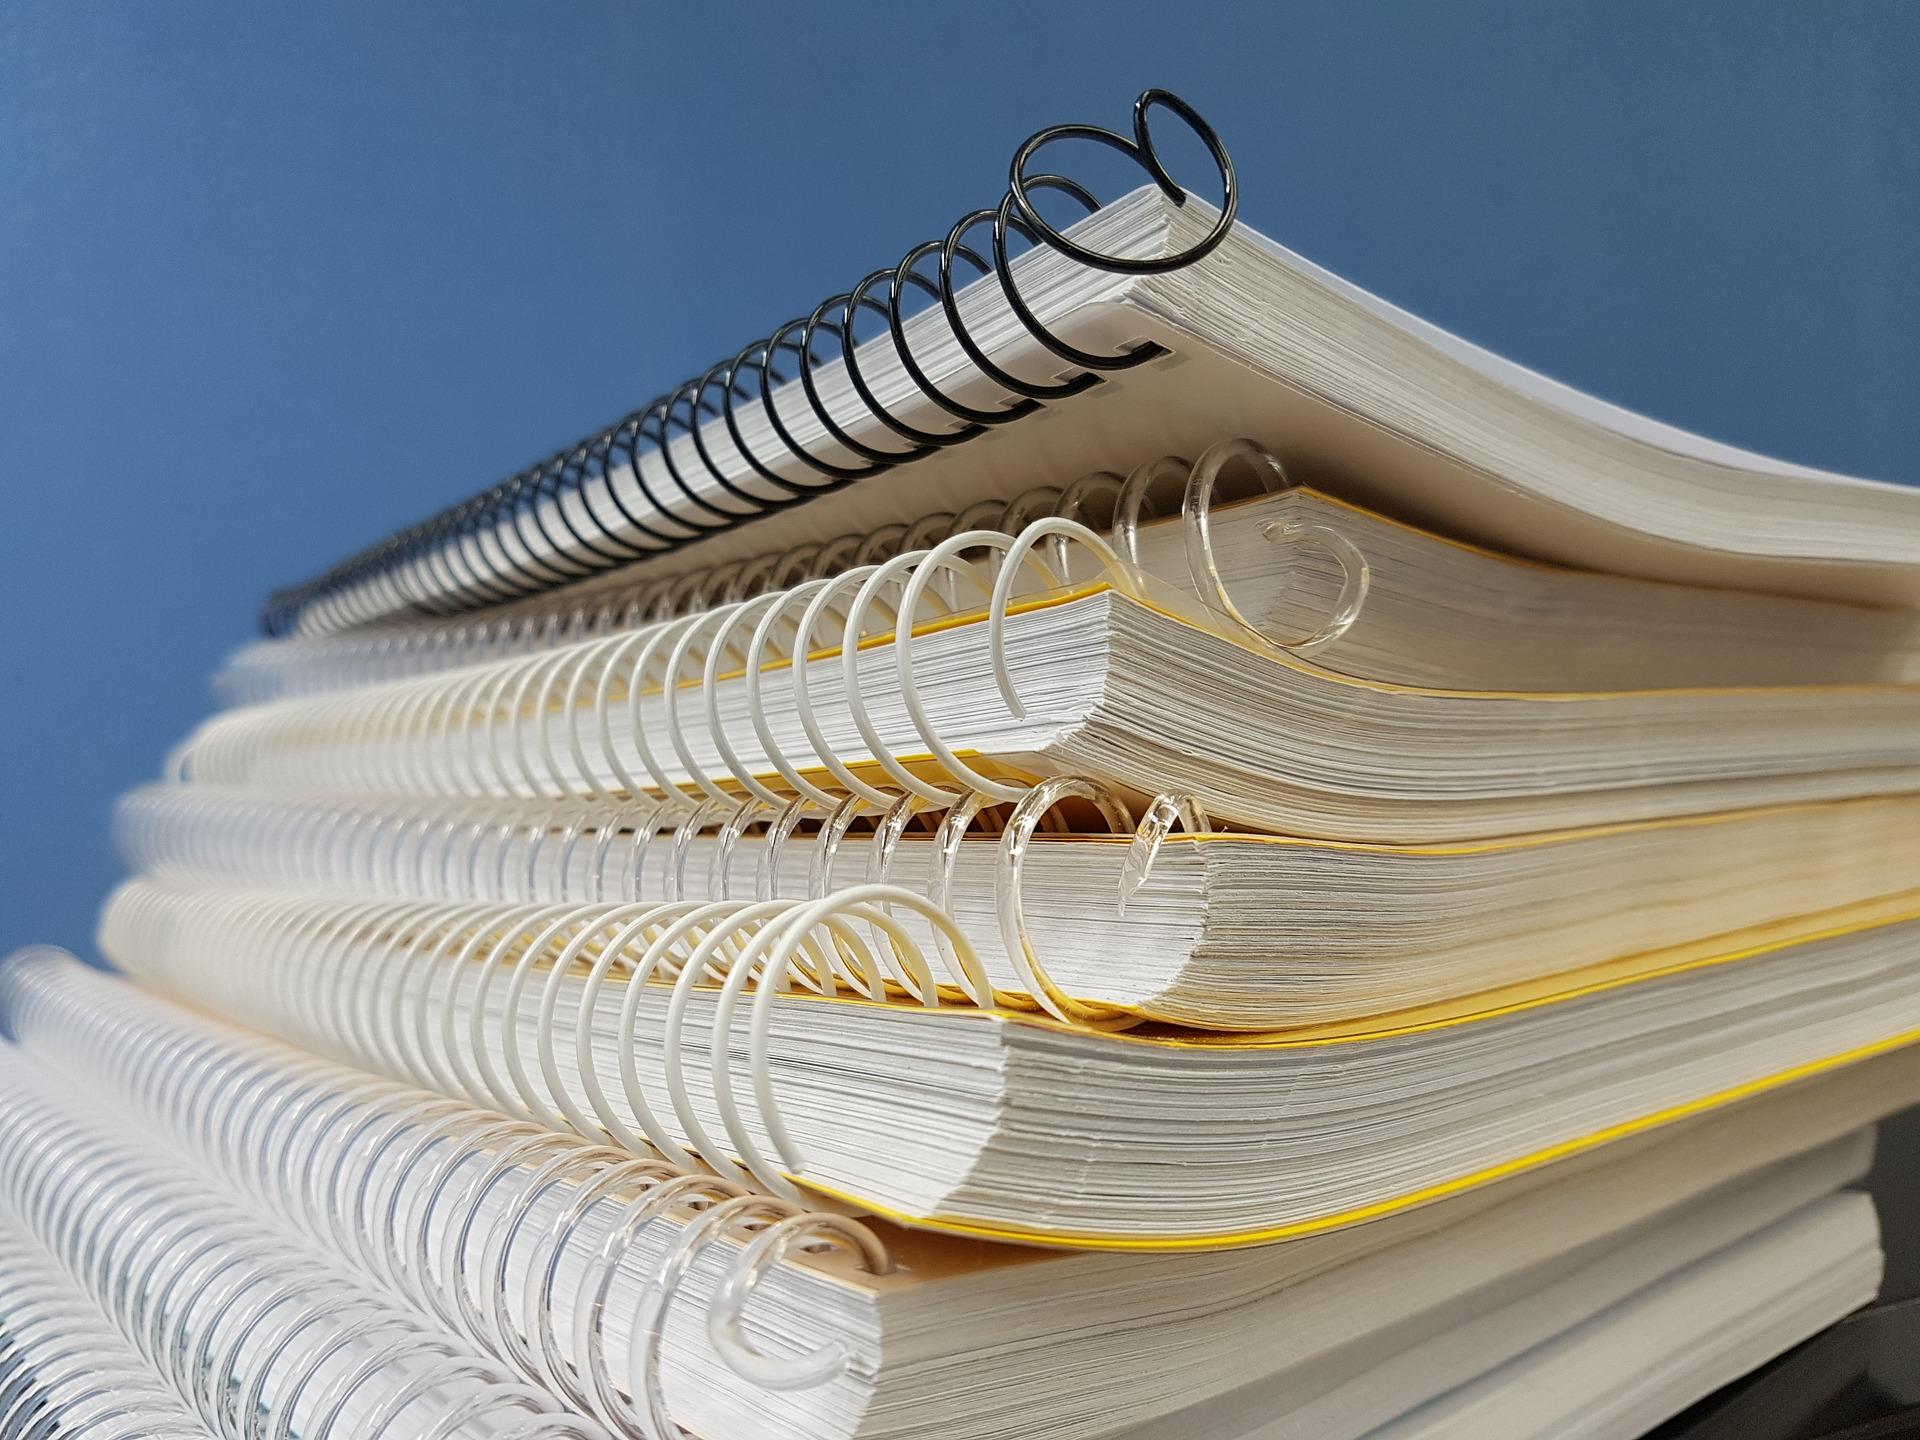 Vários cadernos com espiral empilhados.